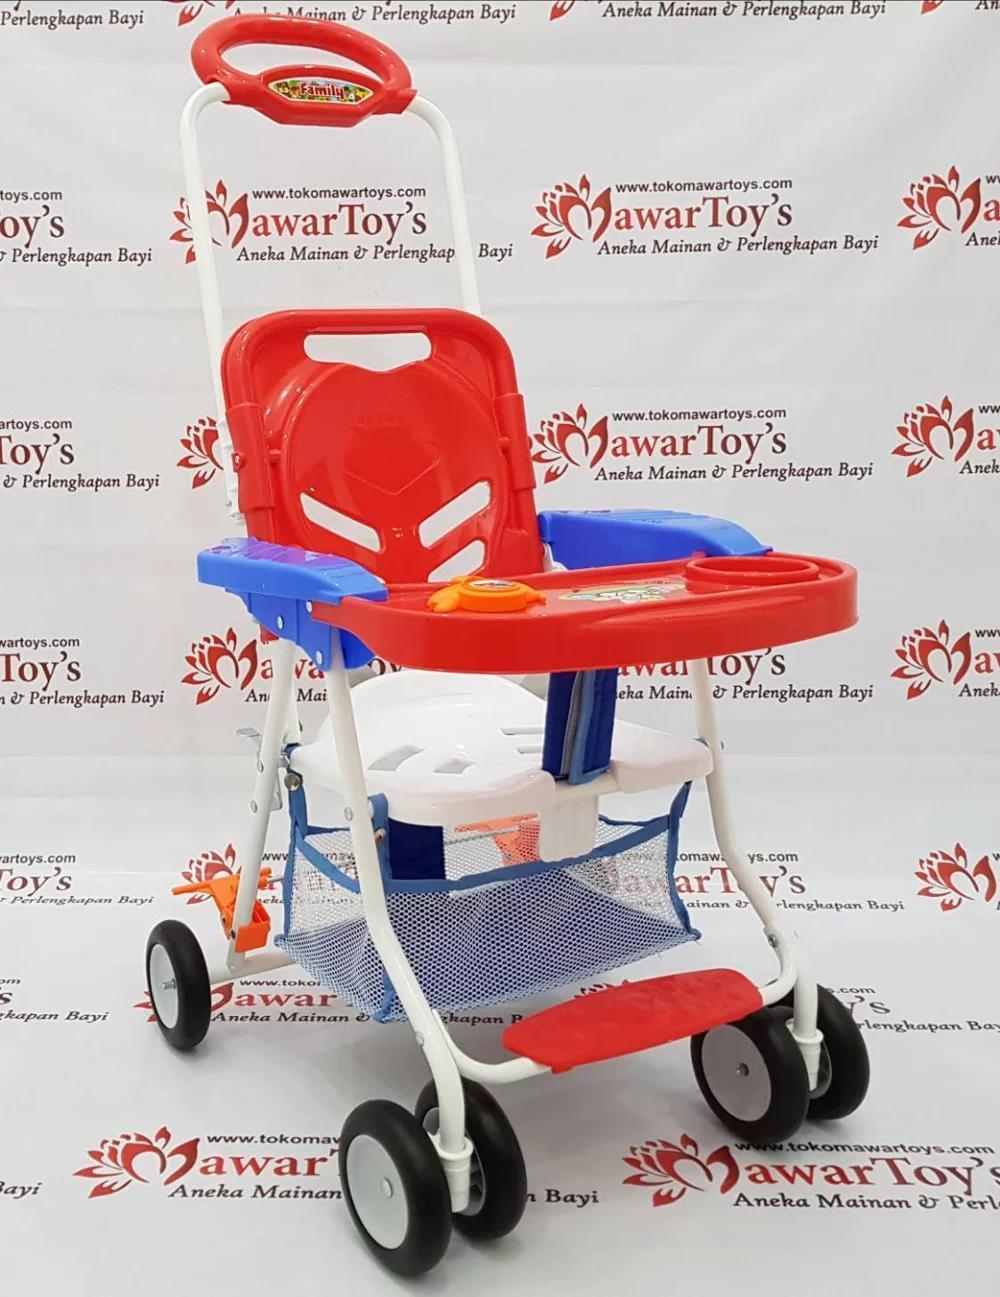 Fitur Meja Makan Bayi Family Chair Stroller Cs 8288 Kuning Dan Harga Anek Peralatan 3